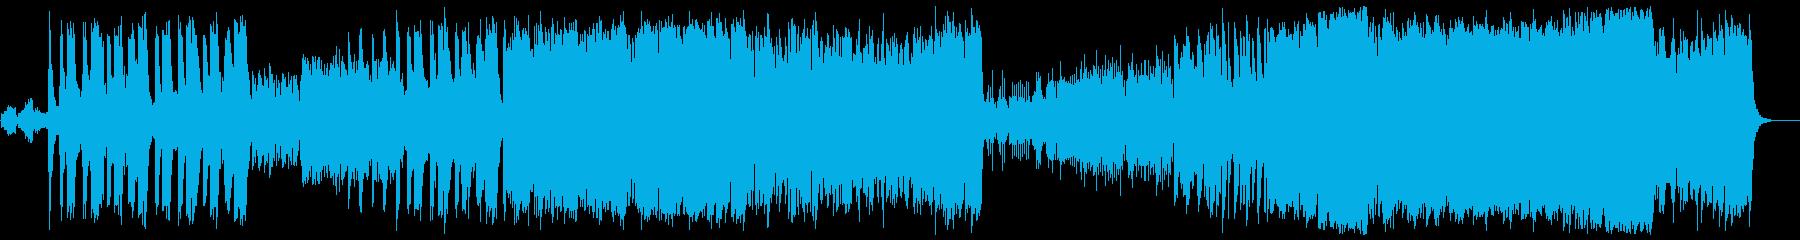 現代の交響曲 劇的な 神経質 ファ...の再生済みの波形